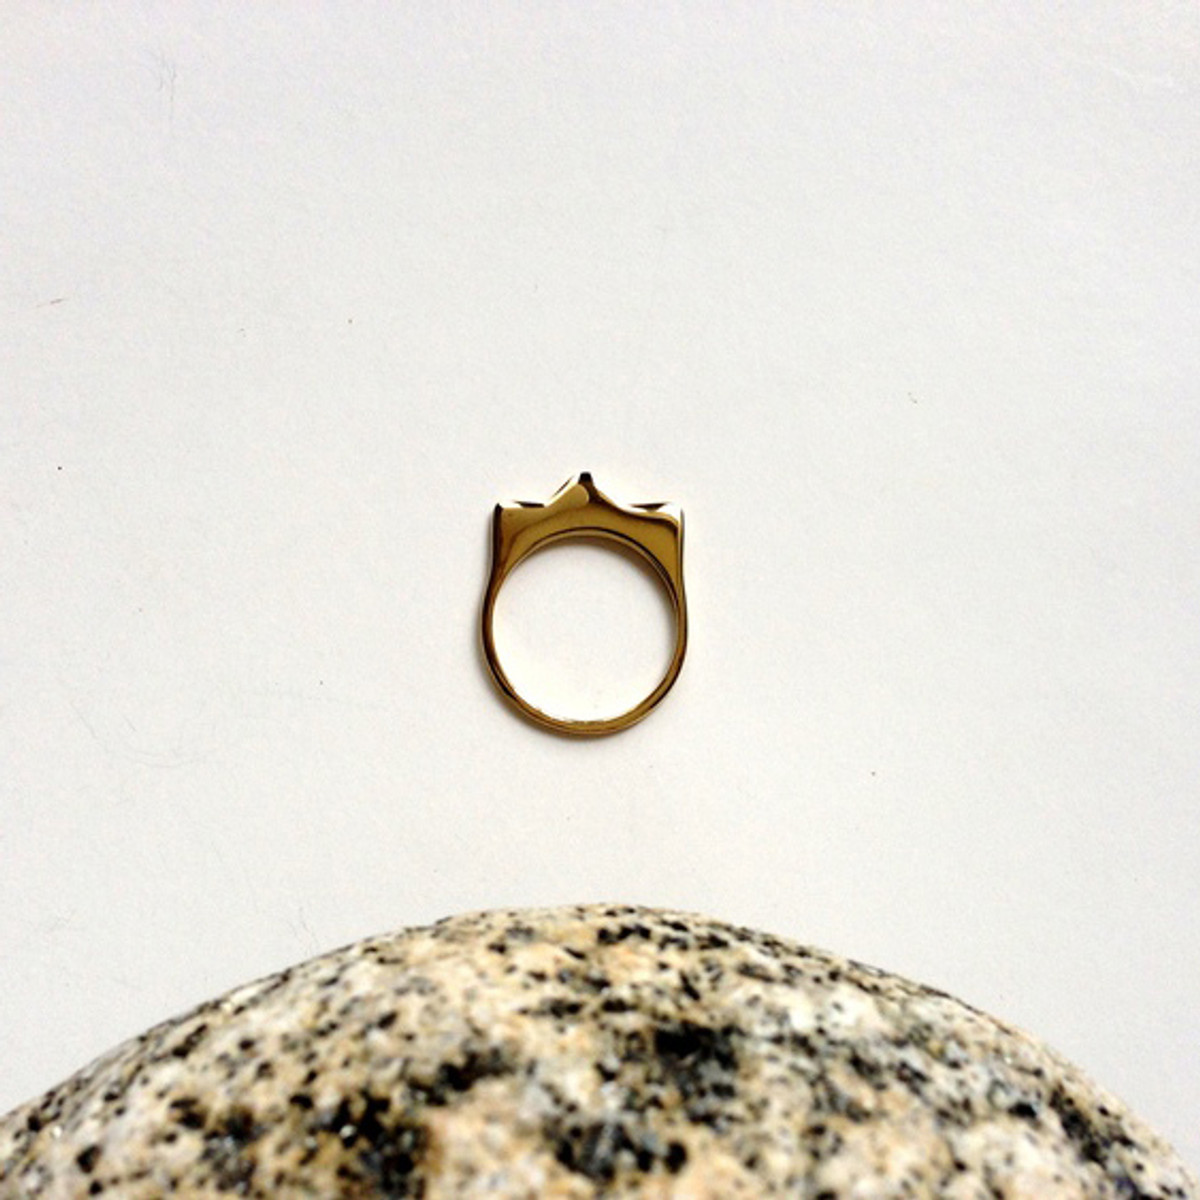 Fells Ring